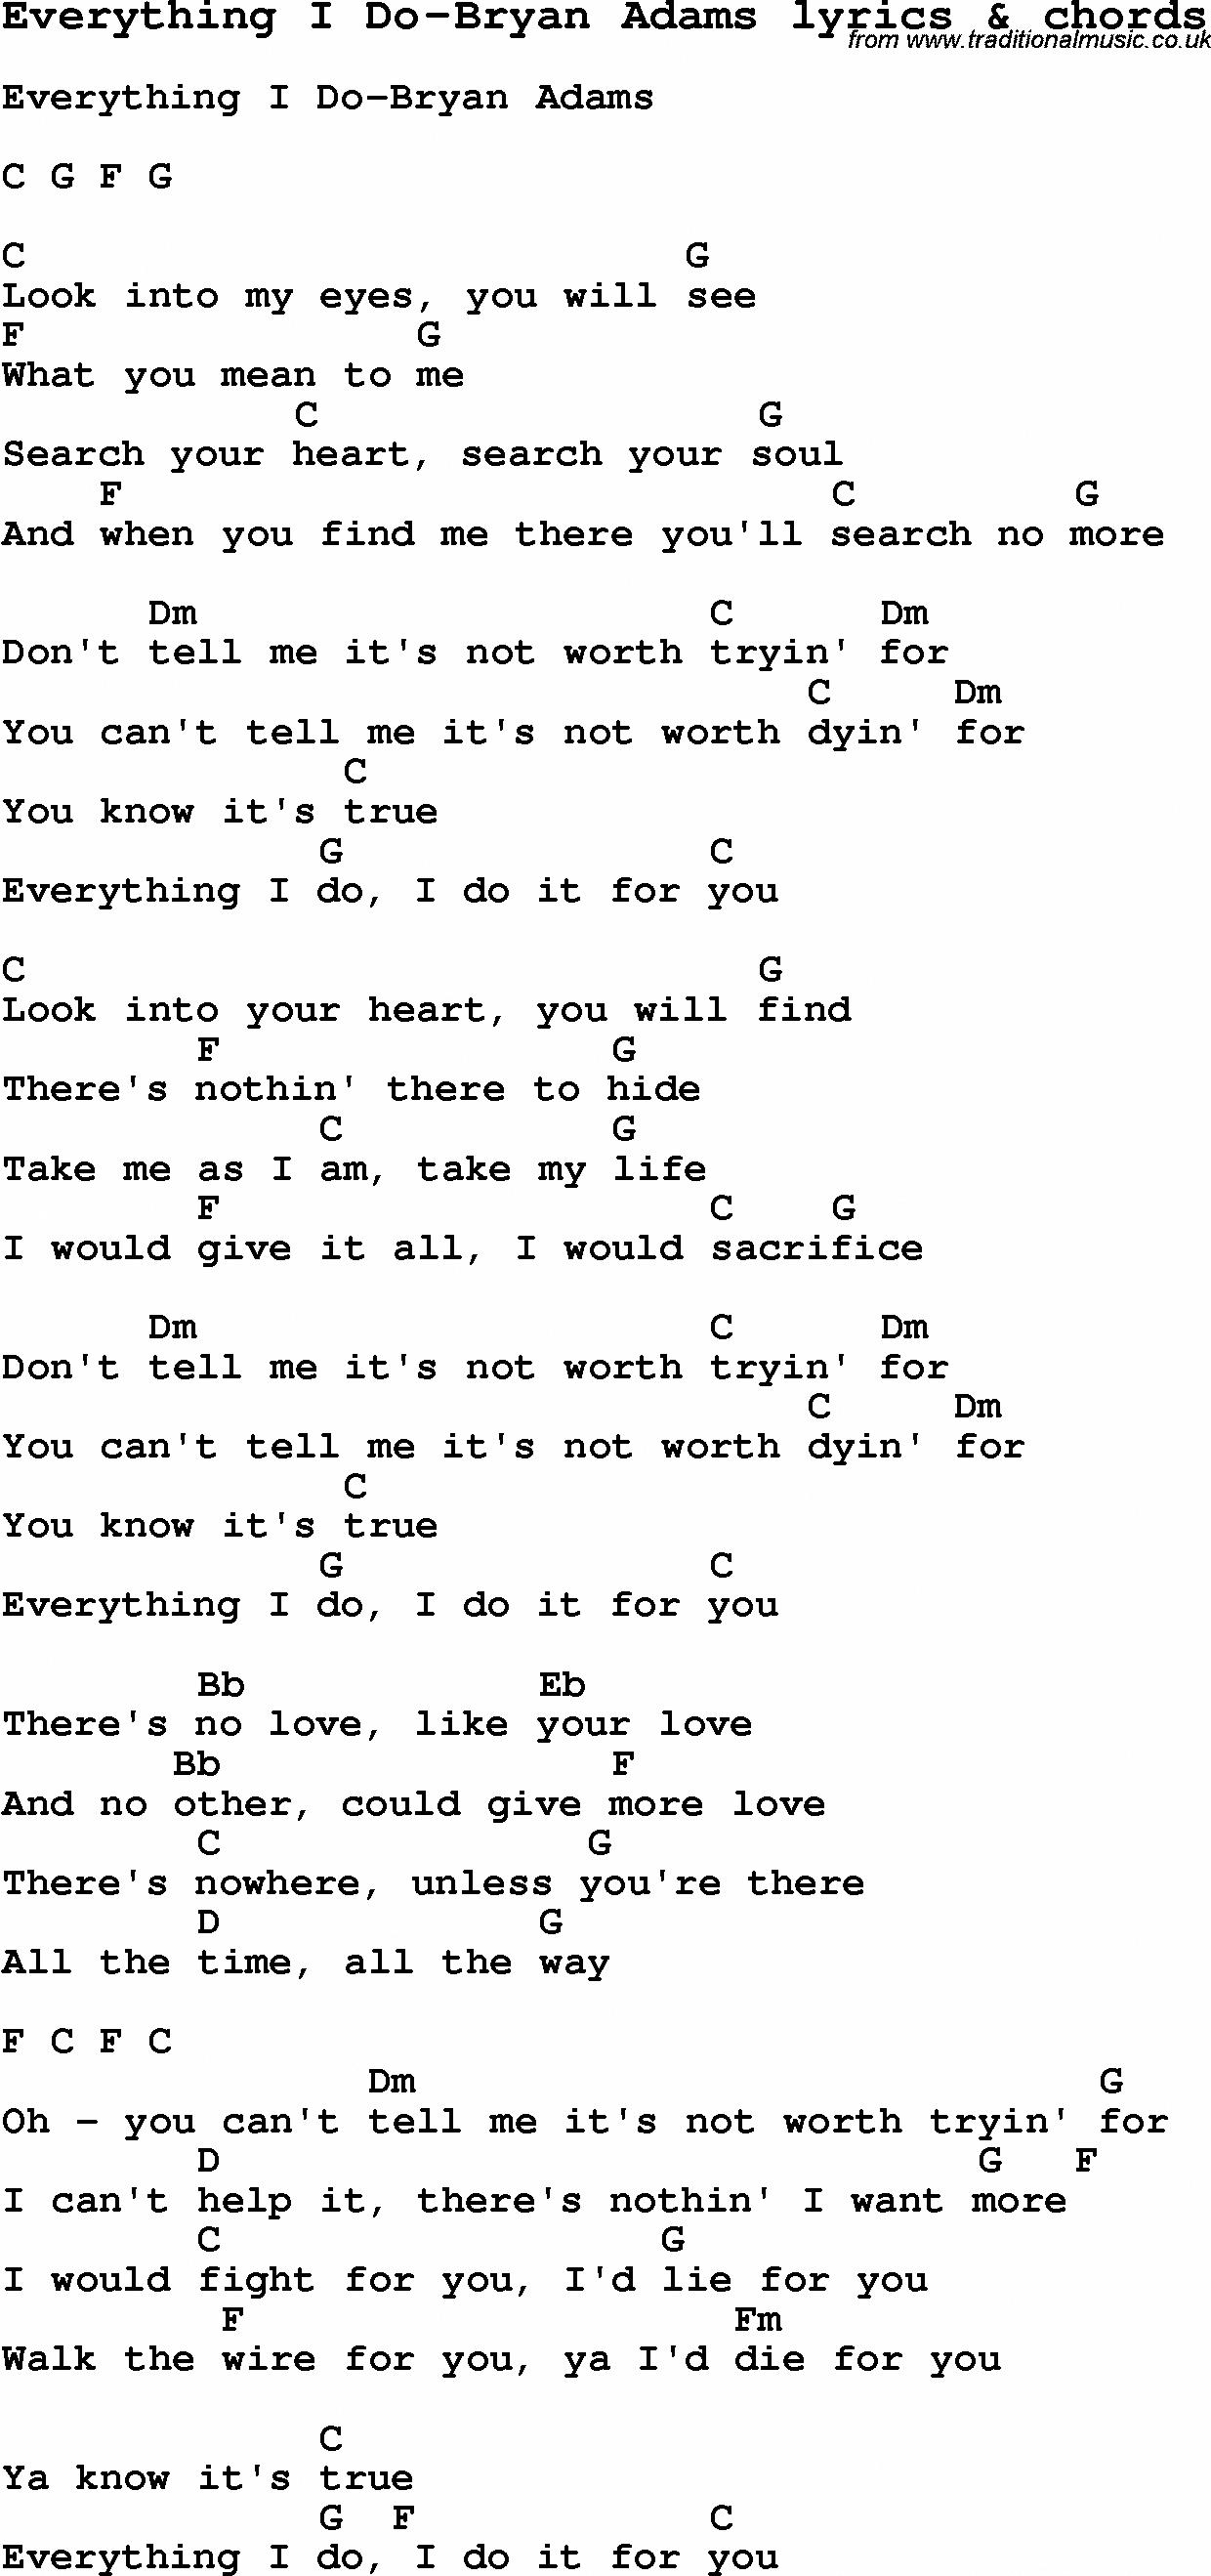 Love Song Lyrics For Everything I Do Bryan Adams With Chords For Ukulele Guitar Banjo Etc Guita Guitar Chords For Songs Lyrics And Chords Love Songs Lyrics